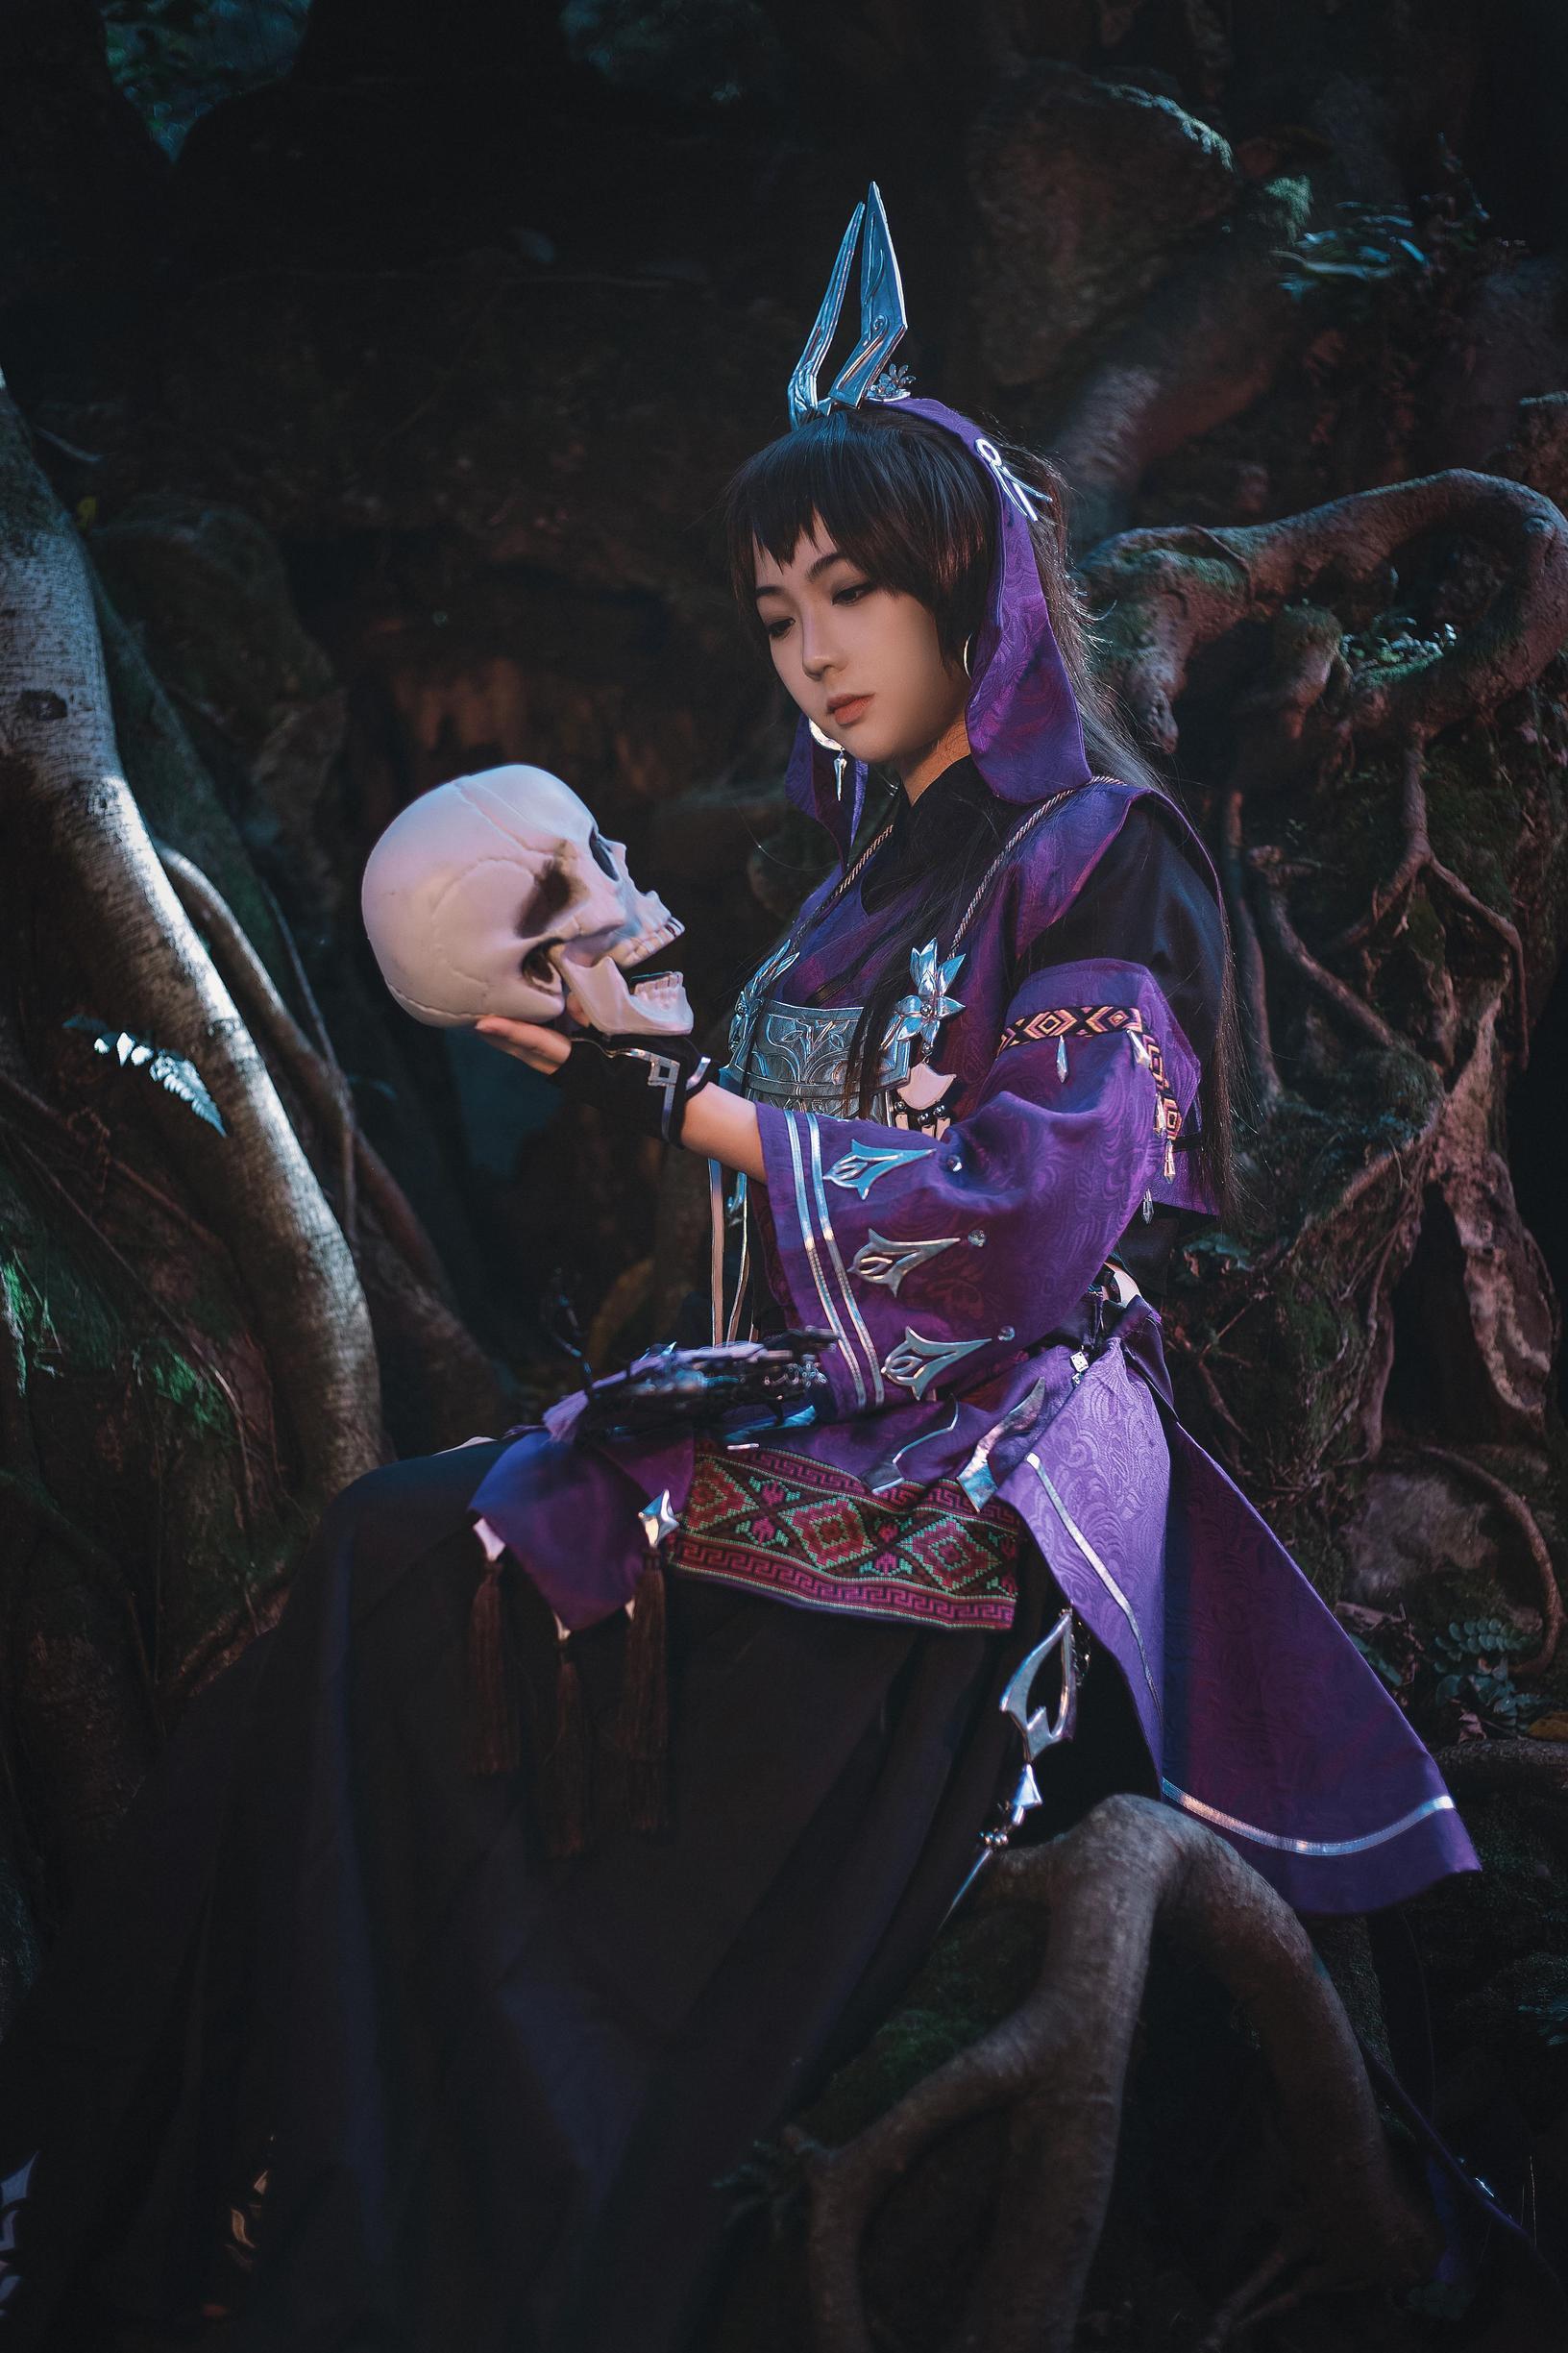 《剑侠情缘网络版叁》剑网三cosplay【CN:魔光海韵】 -古风cosplay的图片插图